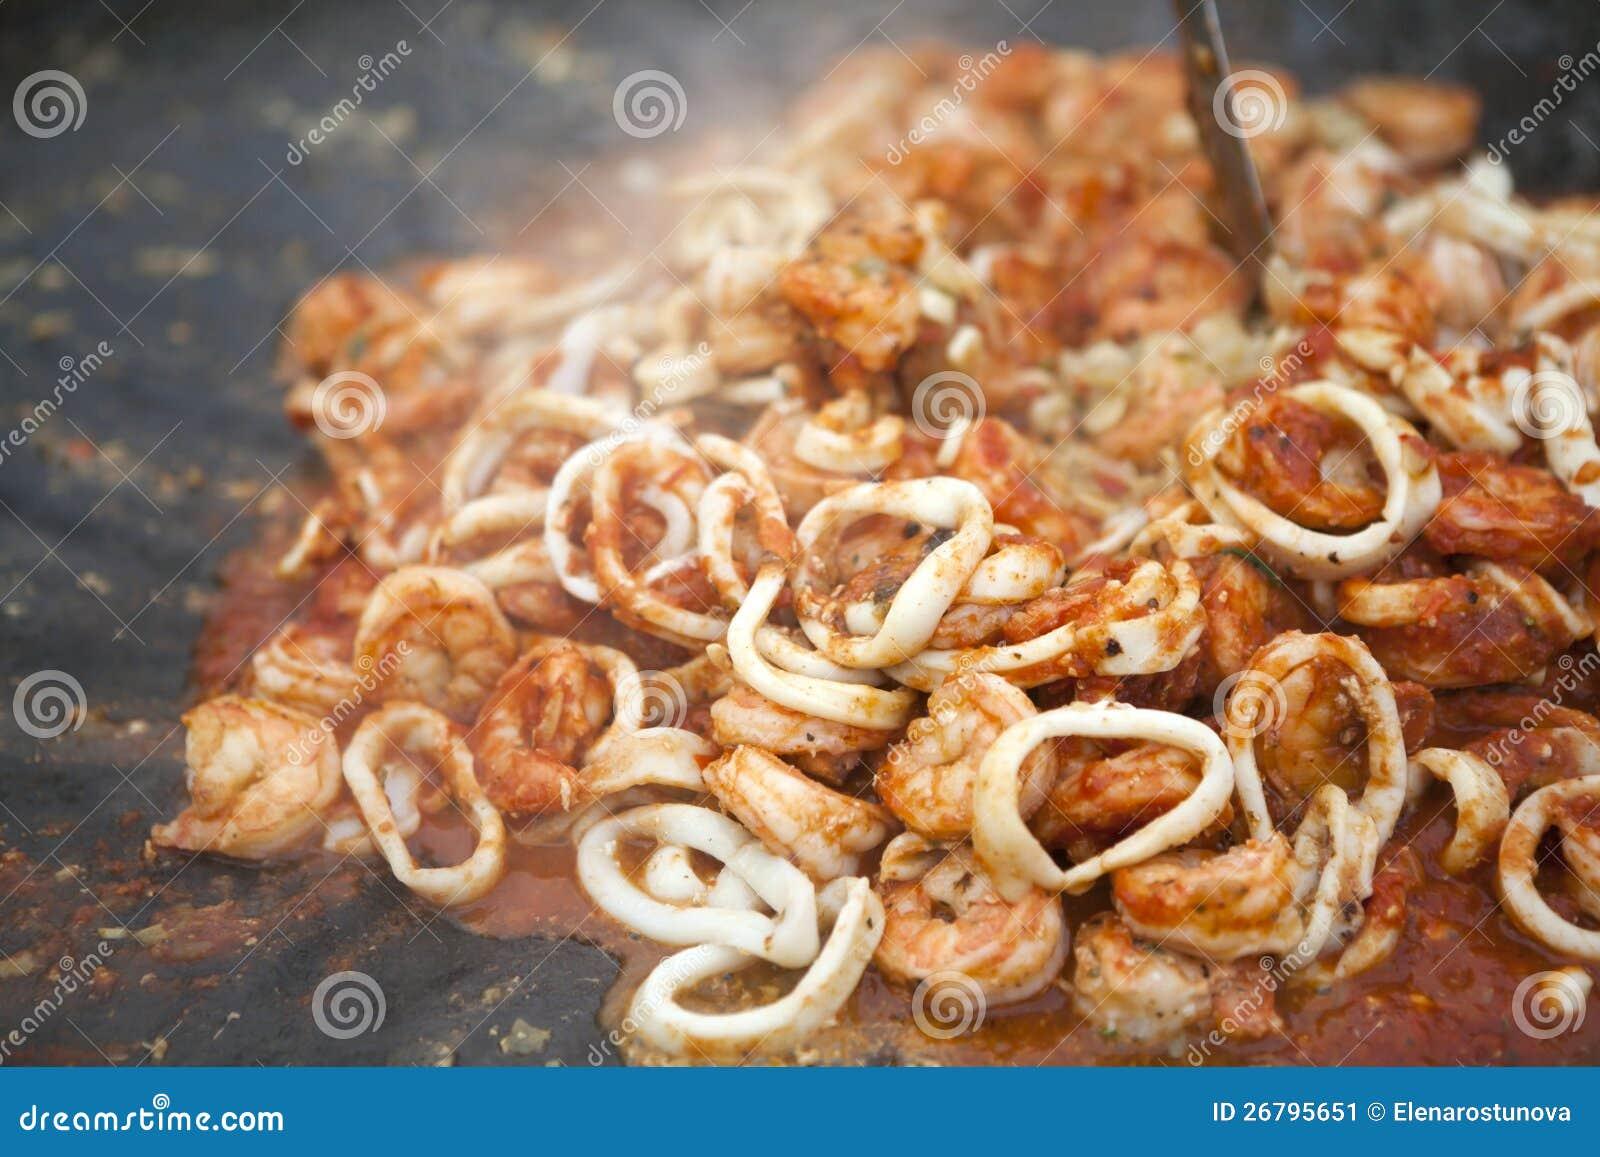 Repas espagnol national traditionnel une paella image stock image 26795651 - Repas de noel espagnol ...